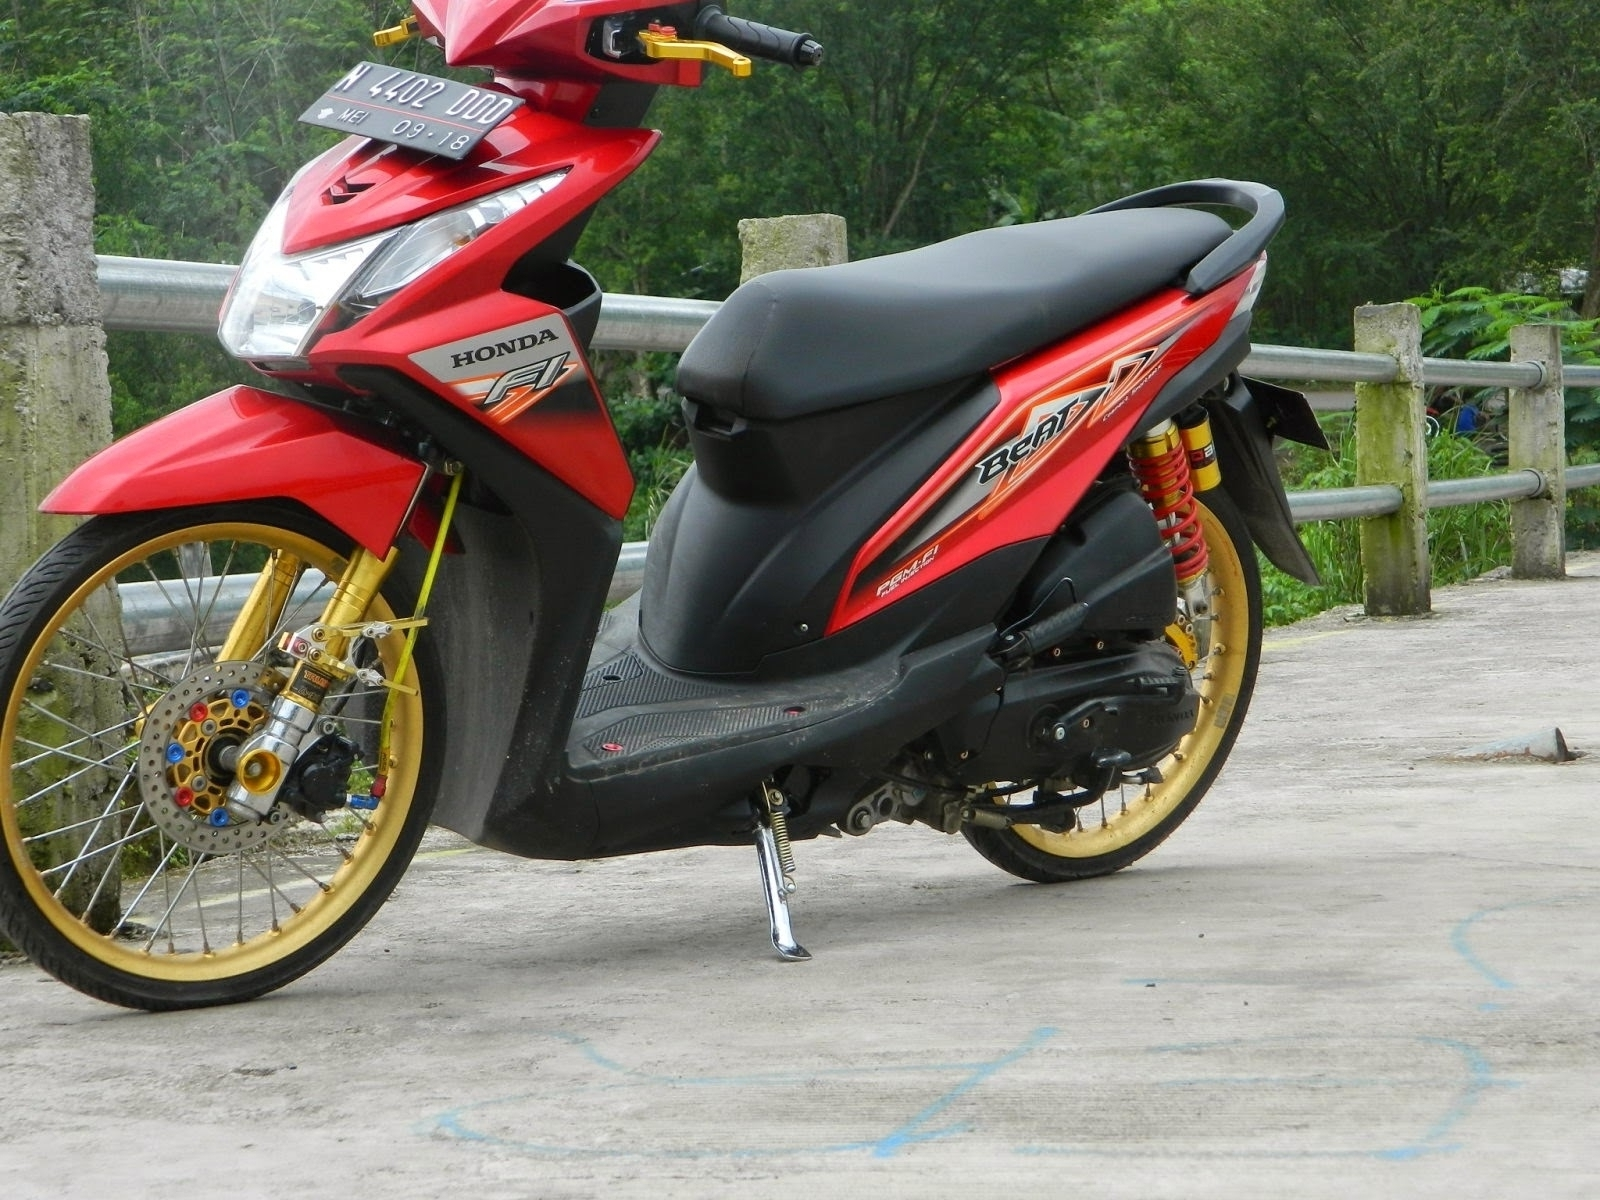 Ide 56 Modifikasi Honda Beat Orange Terunik Ketoprak Motor